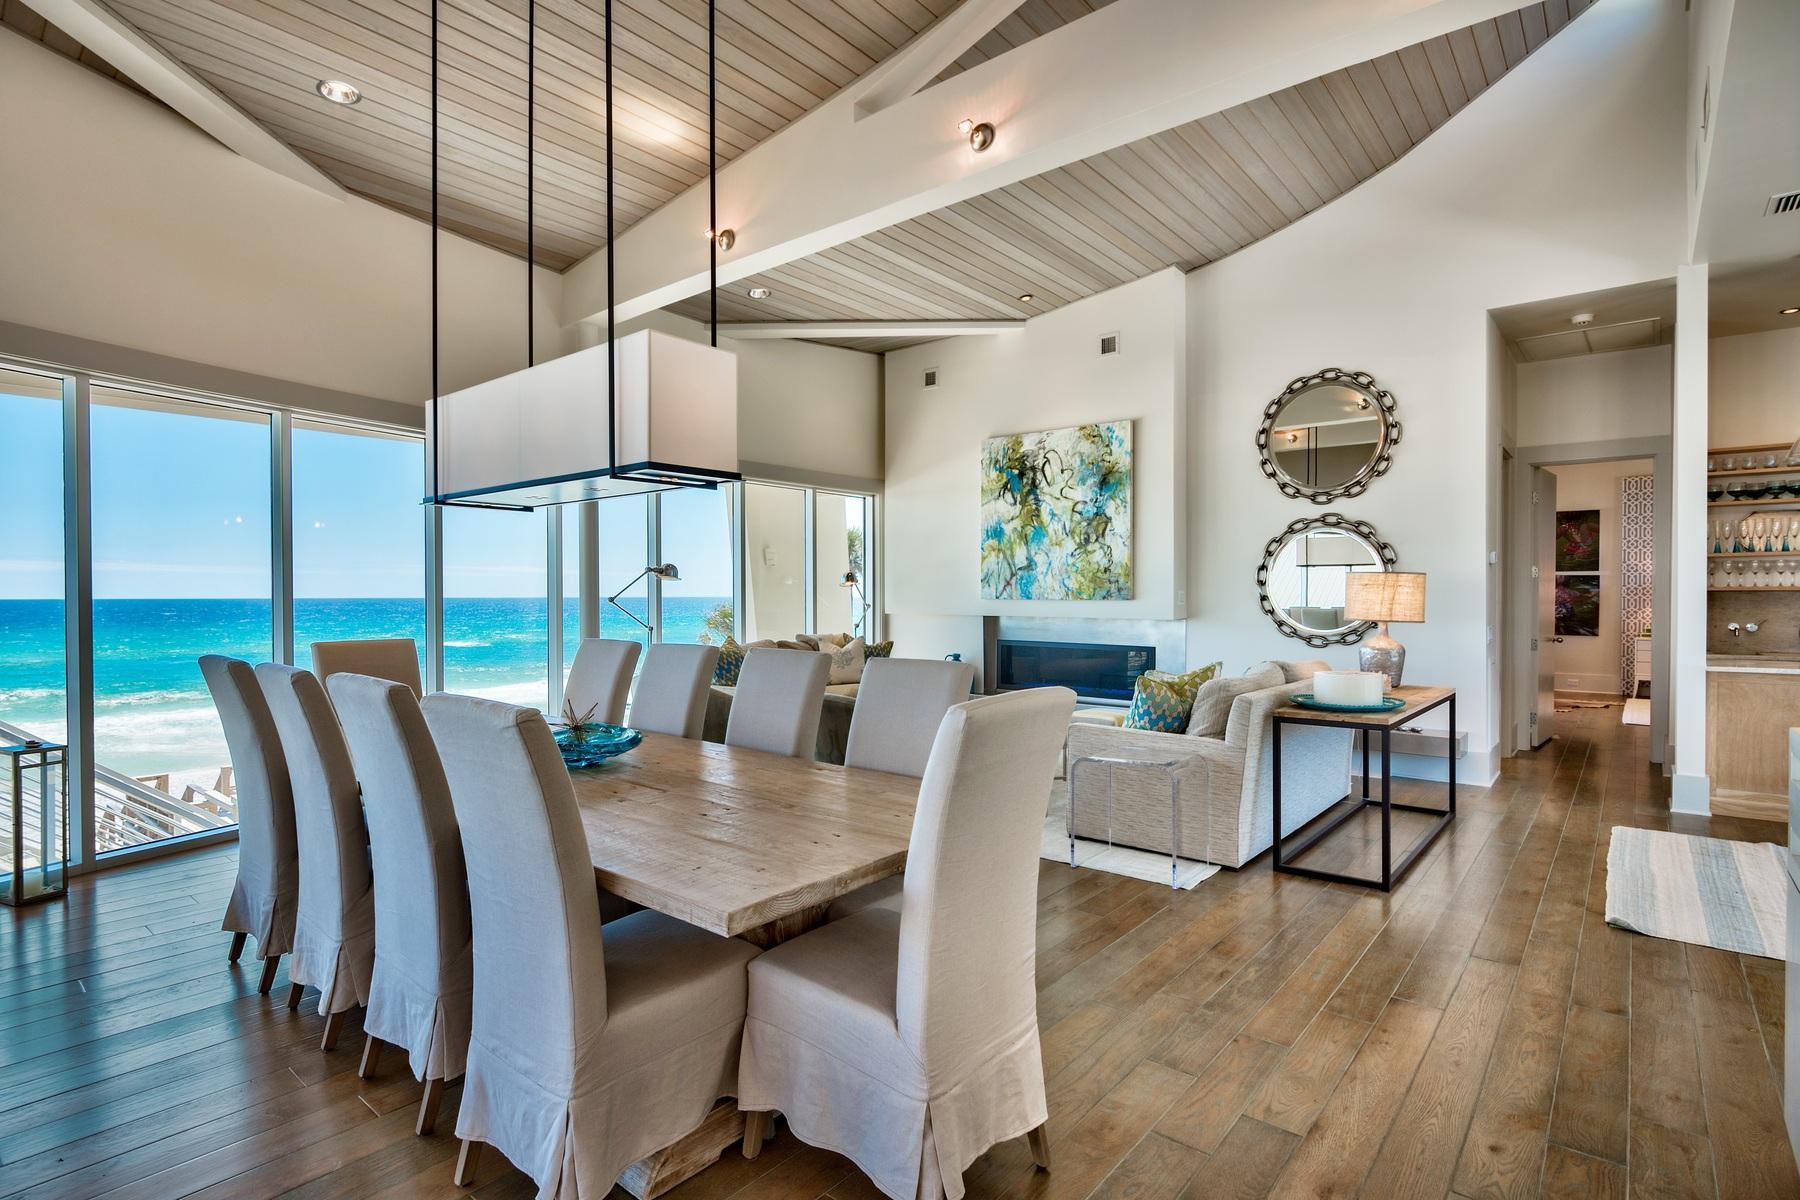 一戸建て のために 売買 アット GULF FRONT MASTERPIECE PROFILED IN COASTAL LIVING MAGAZINE 125 Gulf Dunes Lane Santa Rosa Beach, フロリダ, 32459 アメリカ合衆国